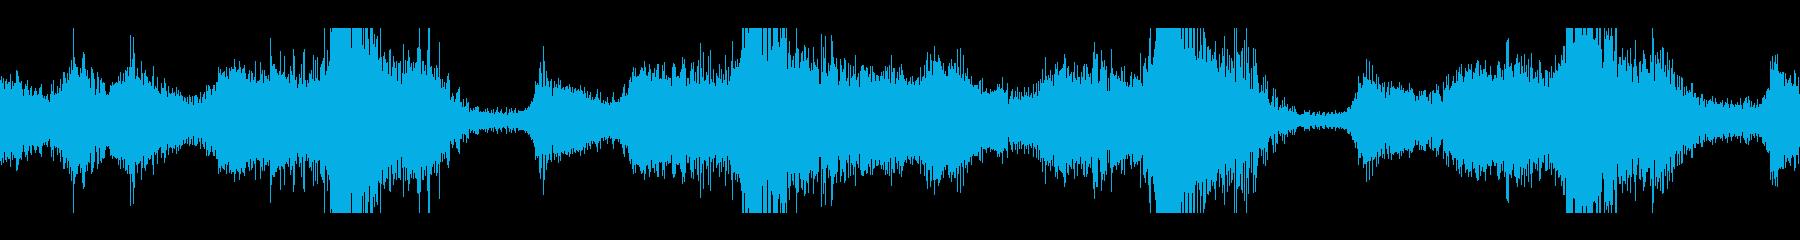 液体のようなバリエーションの上昇/...の再生済みの波形